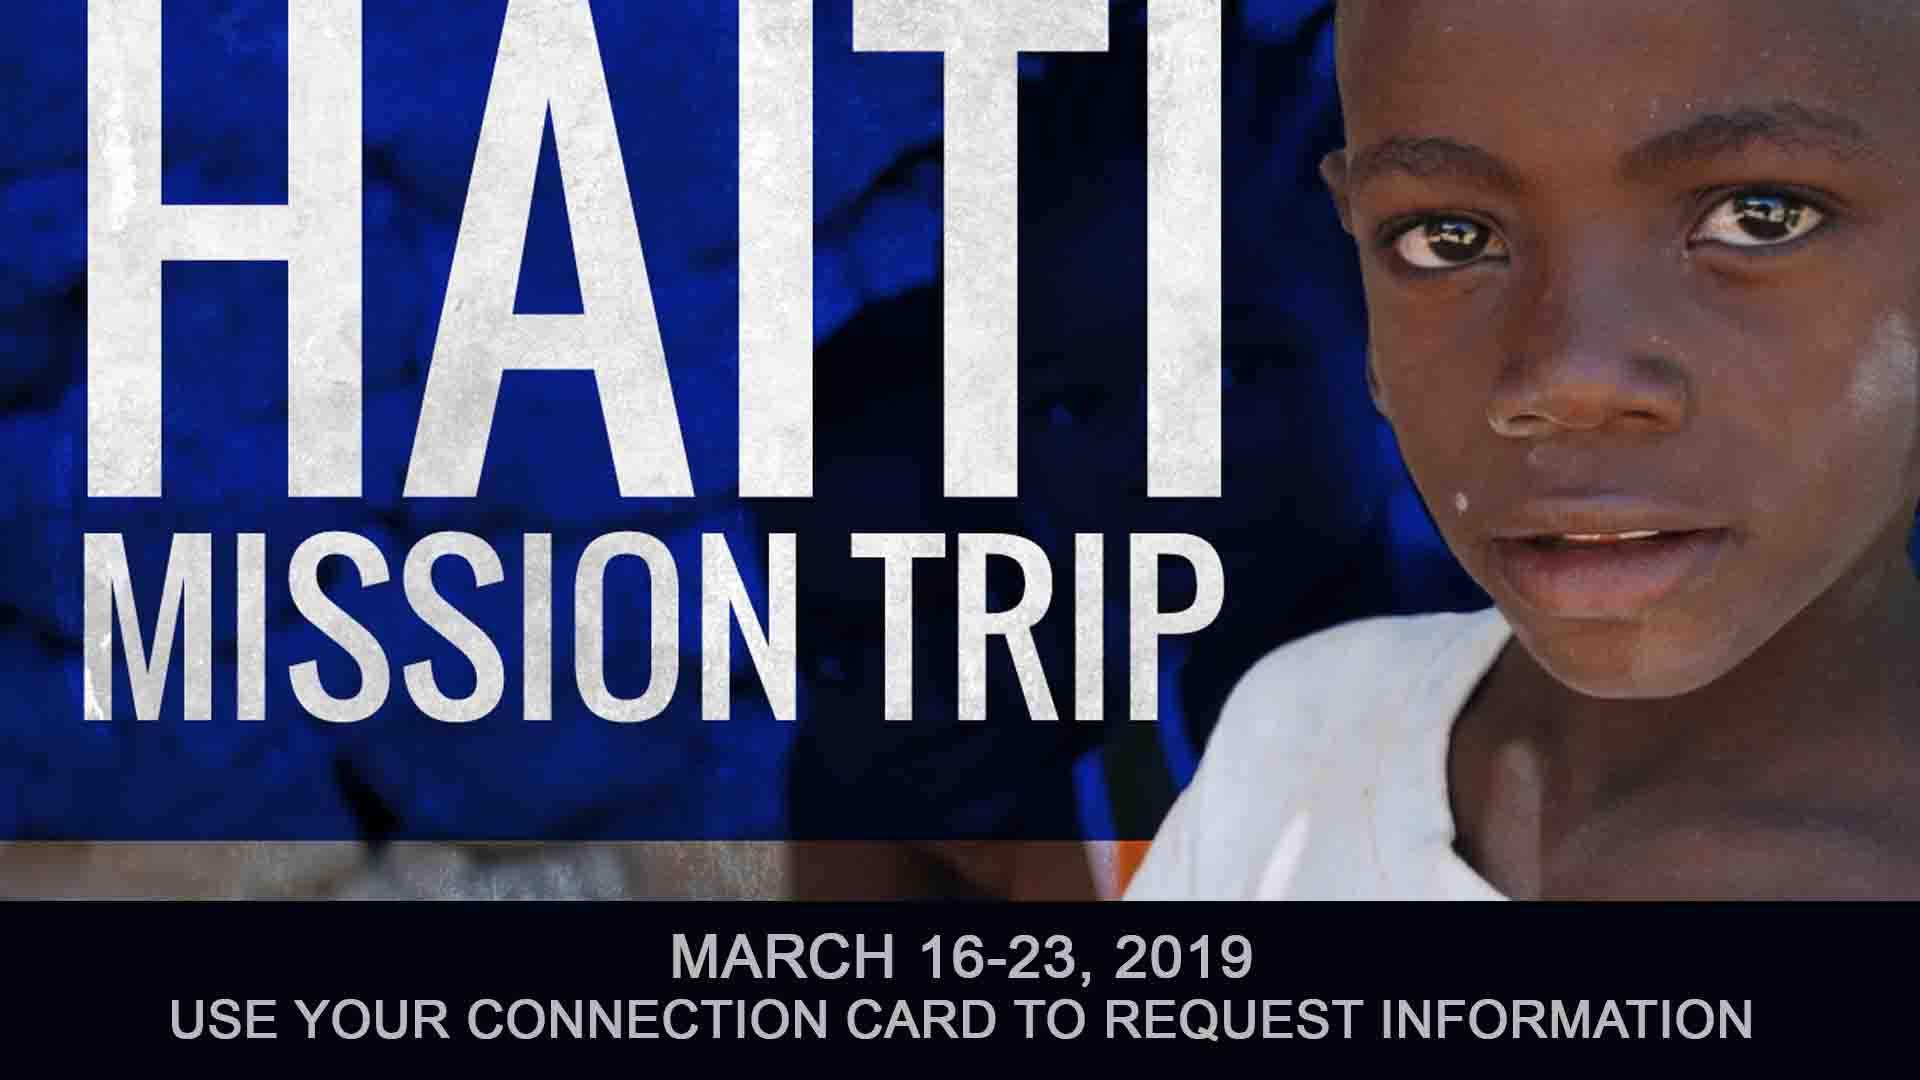 Come to Haiti